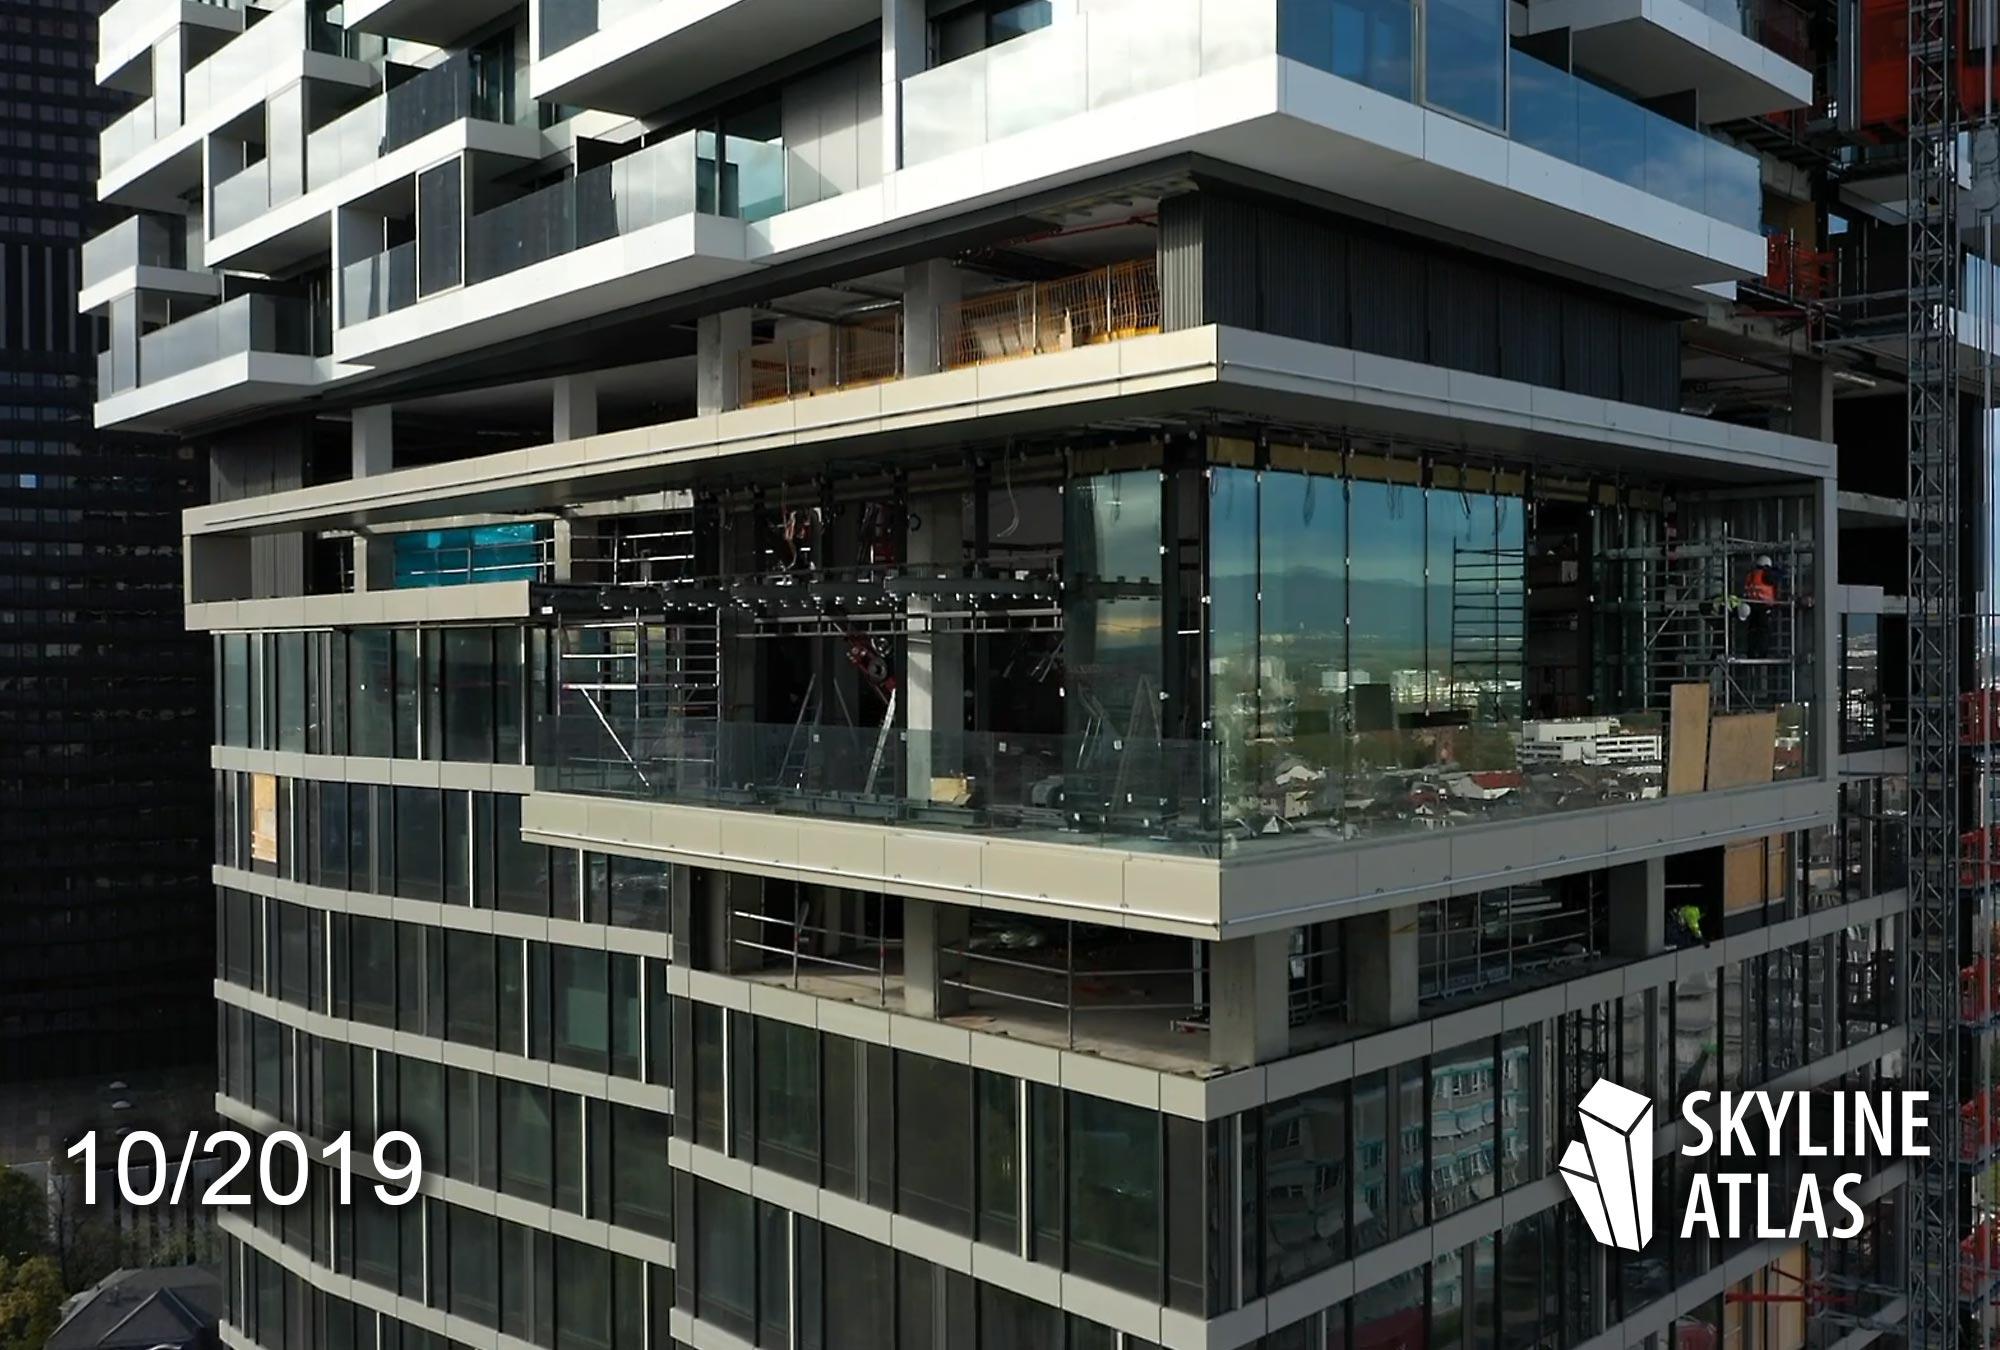 Skybar One Forty West im Bau - Aussichtsterrasse Skyline Frankfurt - Baustelle im Oktober 2019 - Restaurant mit Aussicht - Bar mit Rundumblick